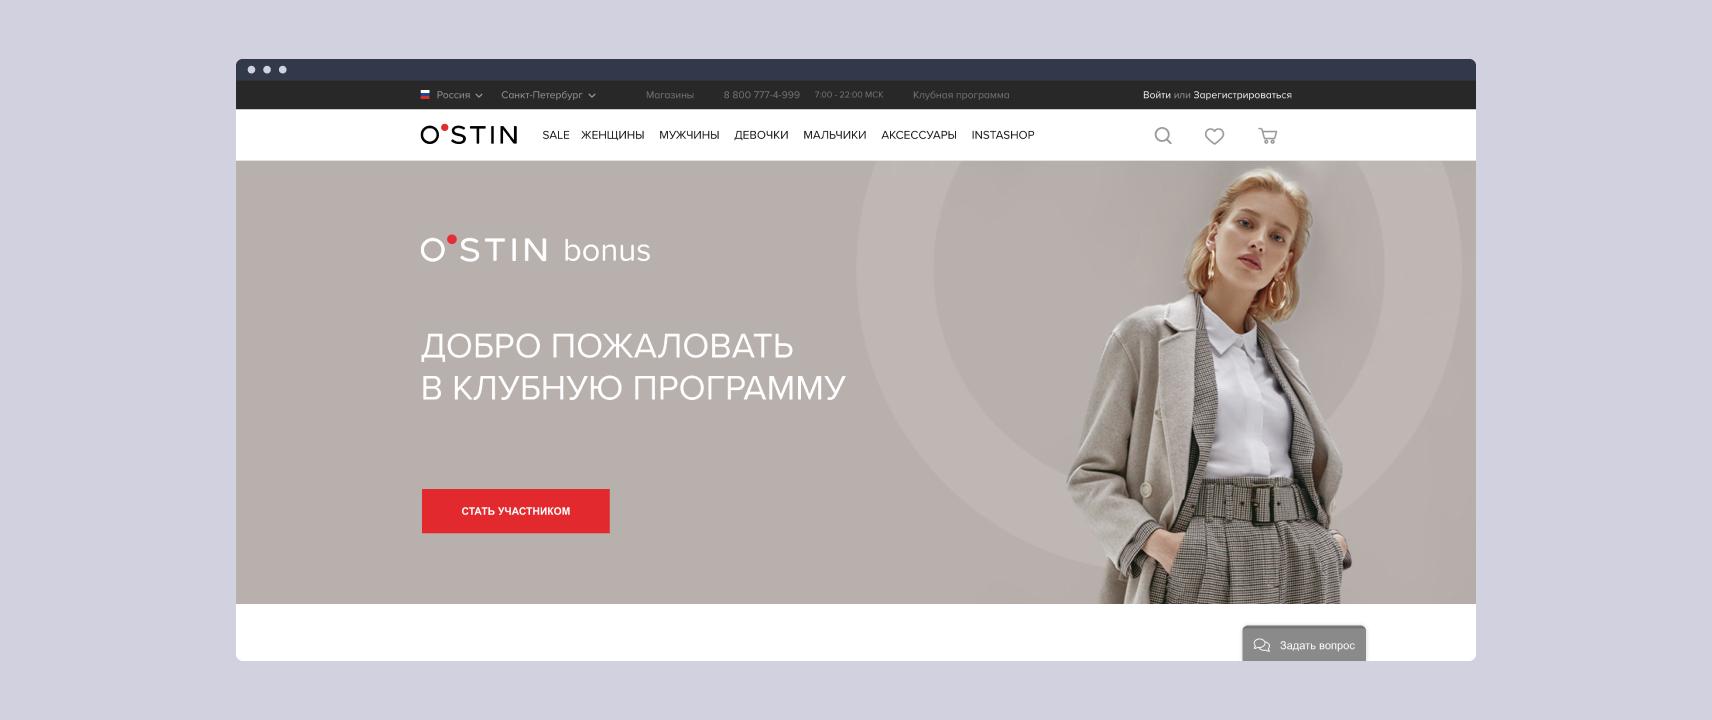 Главная страница официального сайта O'STIN